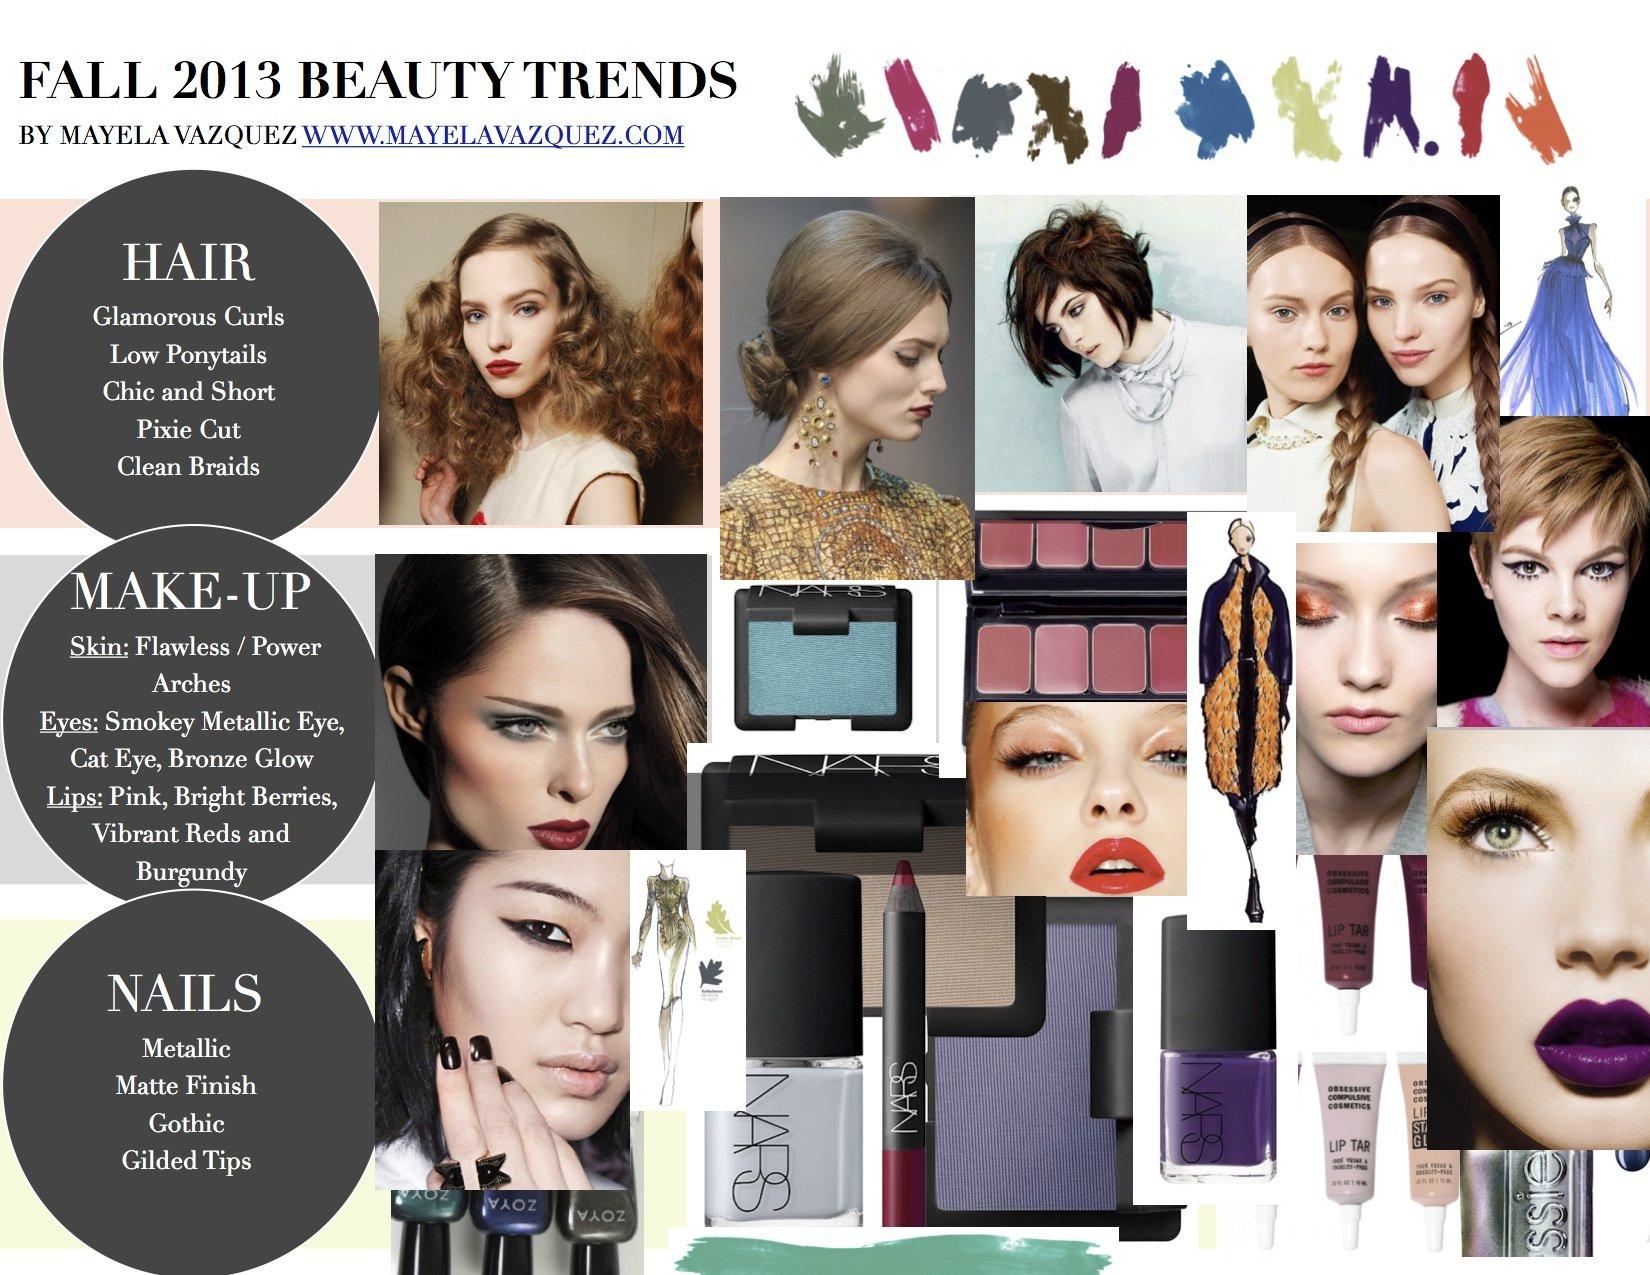 Fall 2013 Beauty Picks from Mayela Vazquez